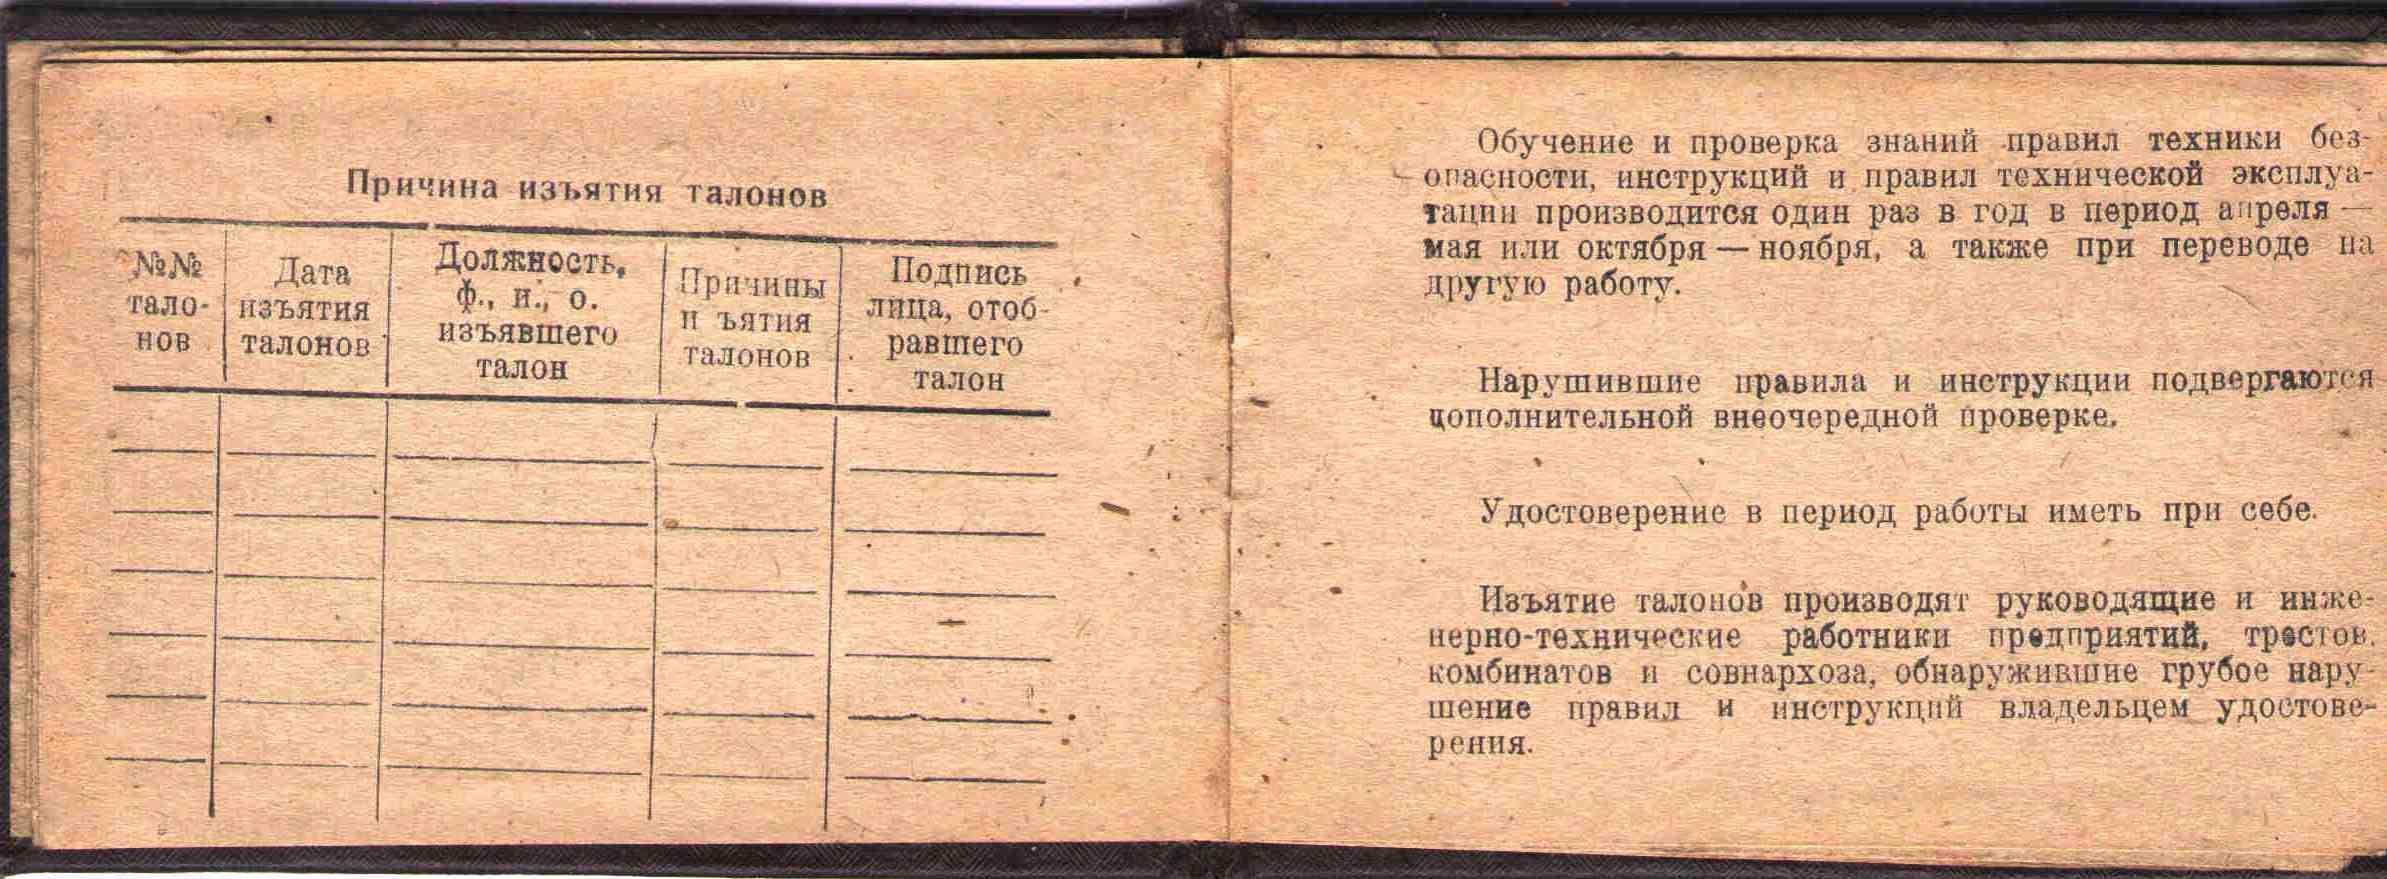 52. Удостоверение об образовании, Барыкин ПП, 1962